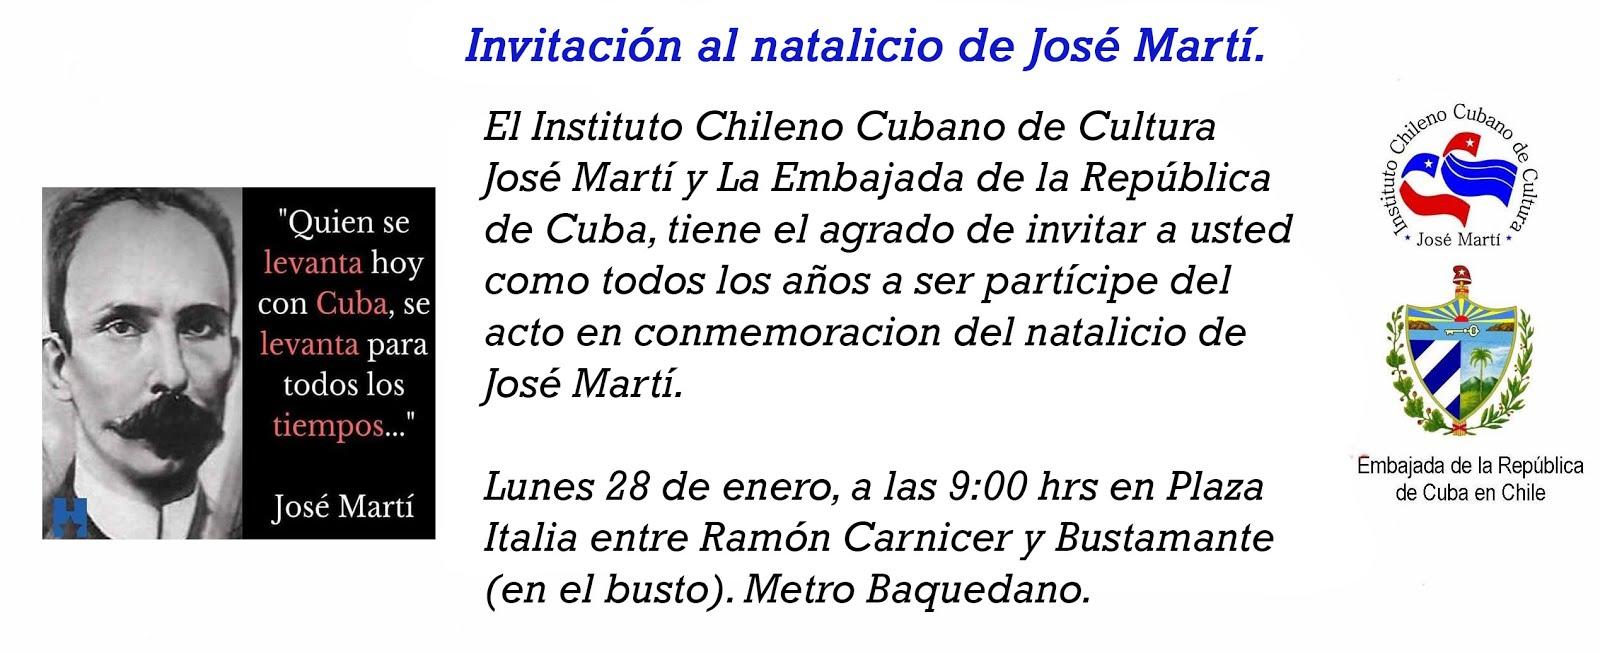 INVITACIÓN ACTO NATALICIO JOSÉ MARTÍ